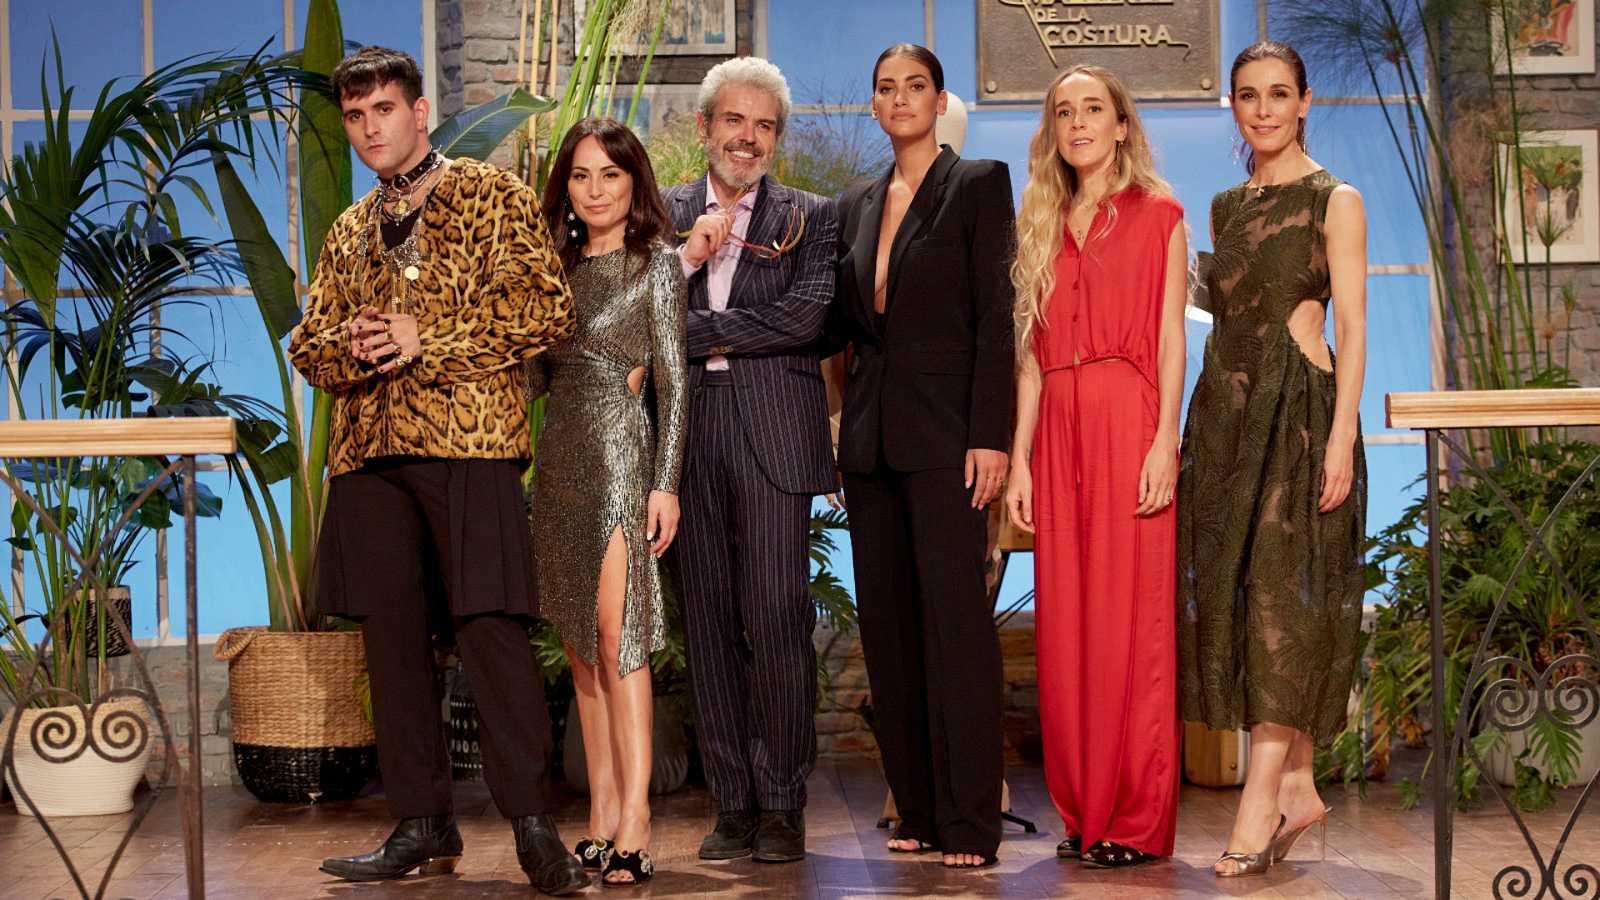 Maestros de la costura - Temporada 4 - Programa 3 - Ver ahora